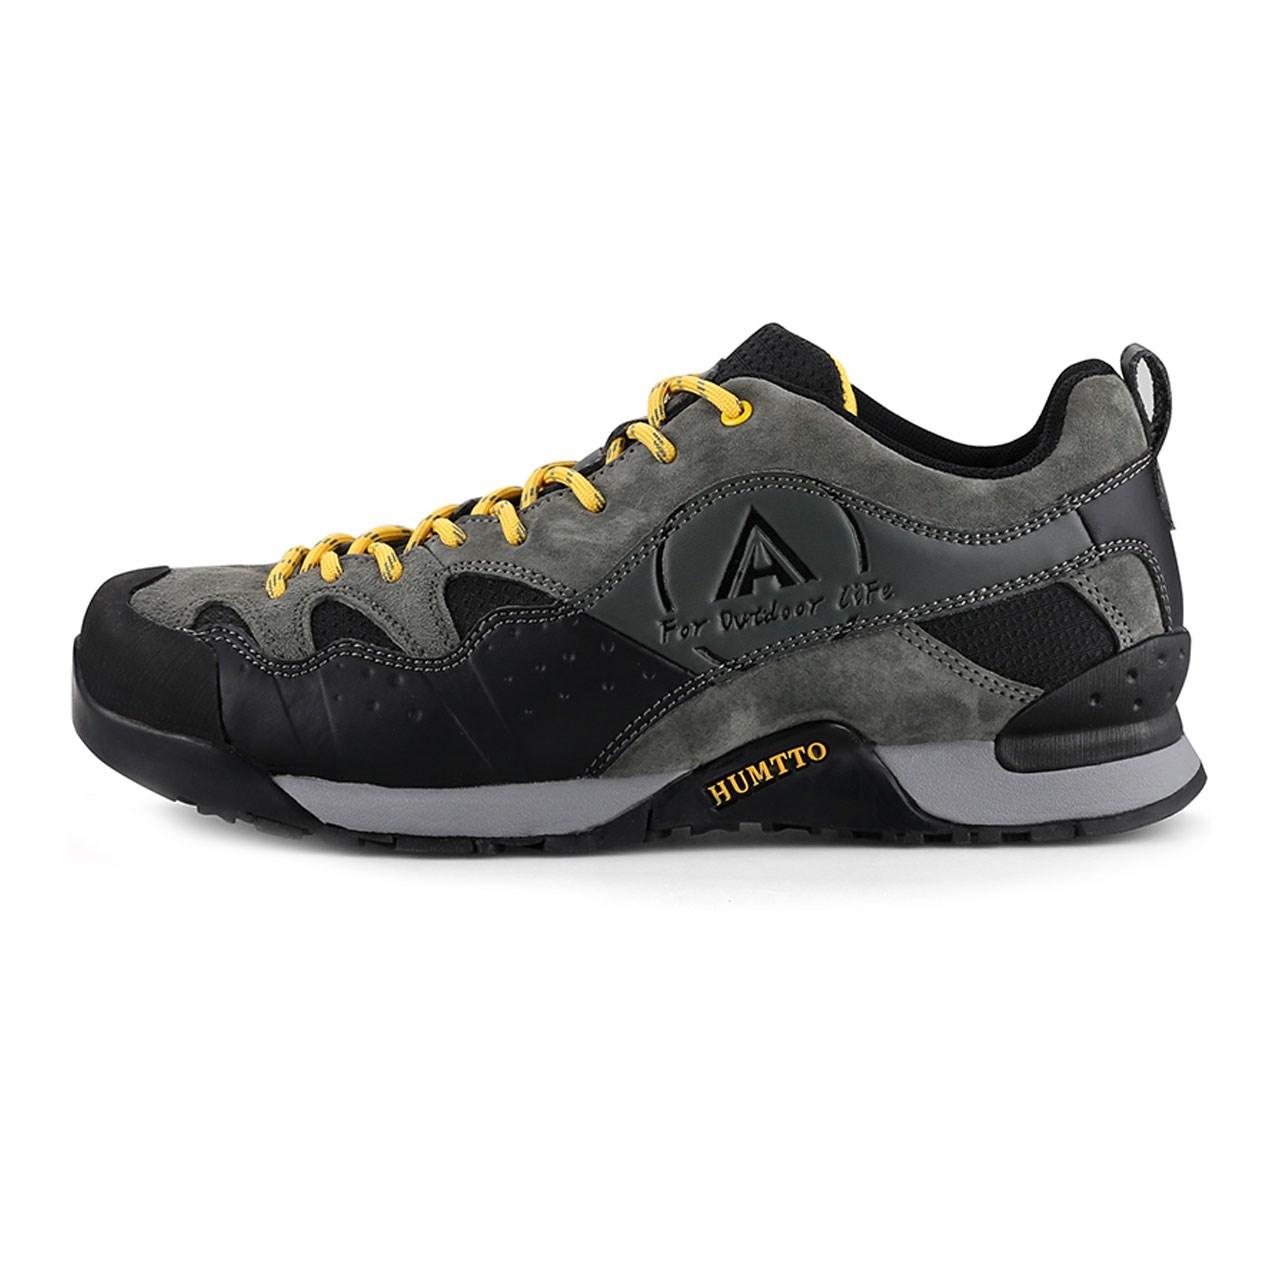 قیمت کفش مخصوص پیاده روی مردانه هامتو مدل 1-731130